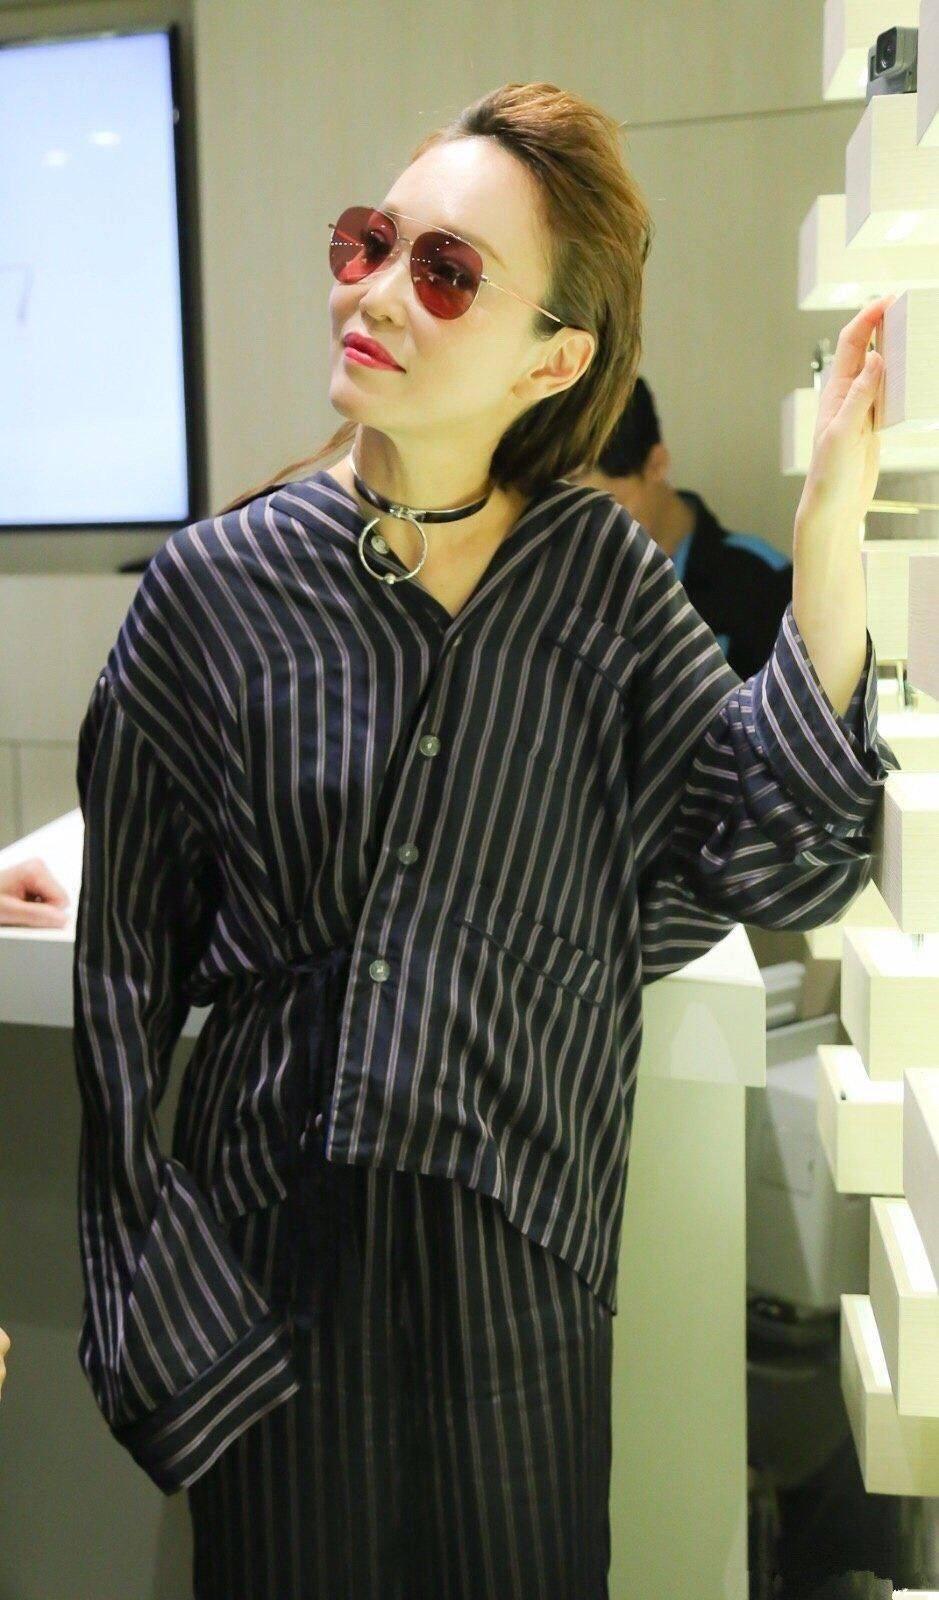 范文芳穿条纹衫似睡衣,僵硬的脸更是尴尬,气质明显下降不少